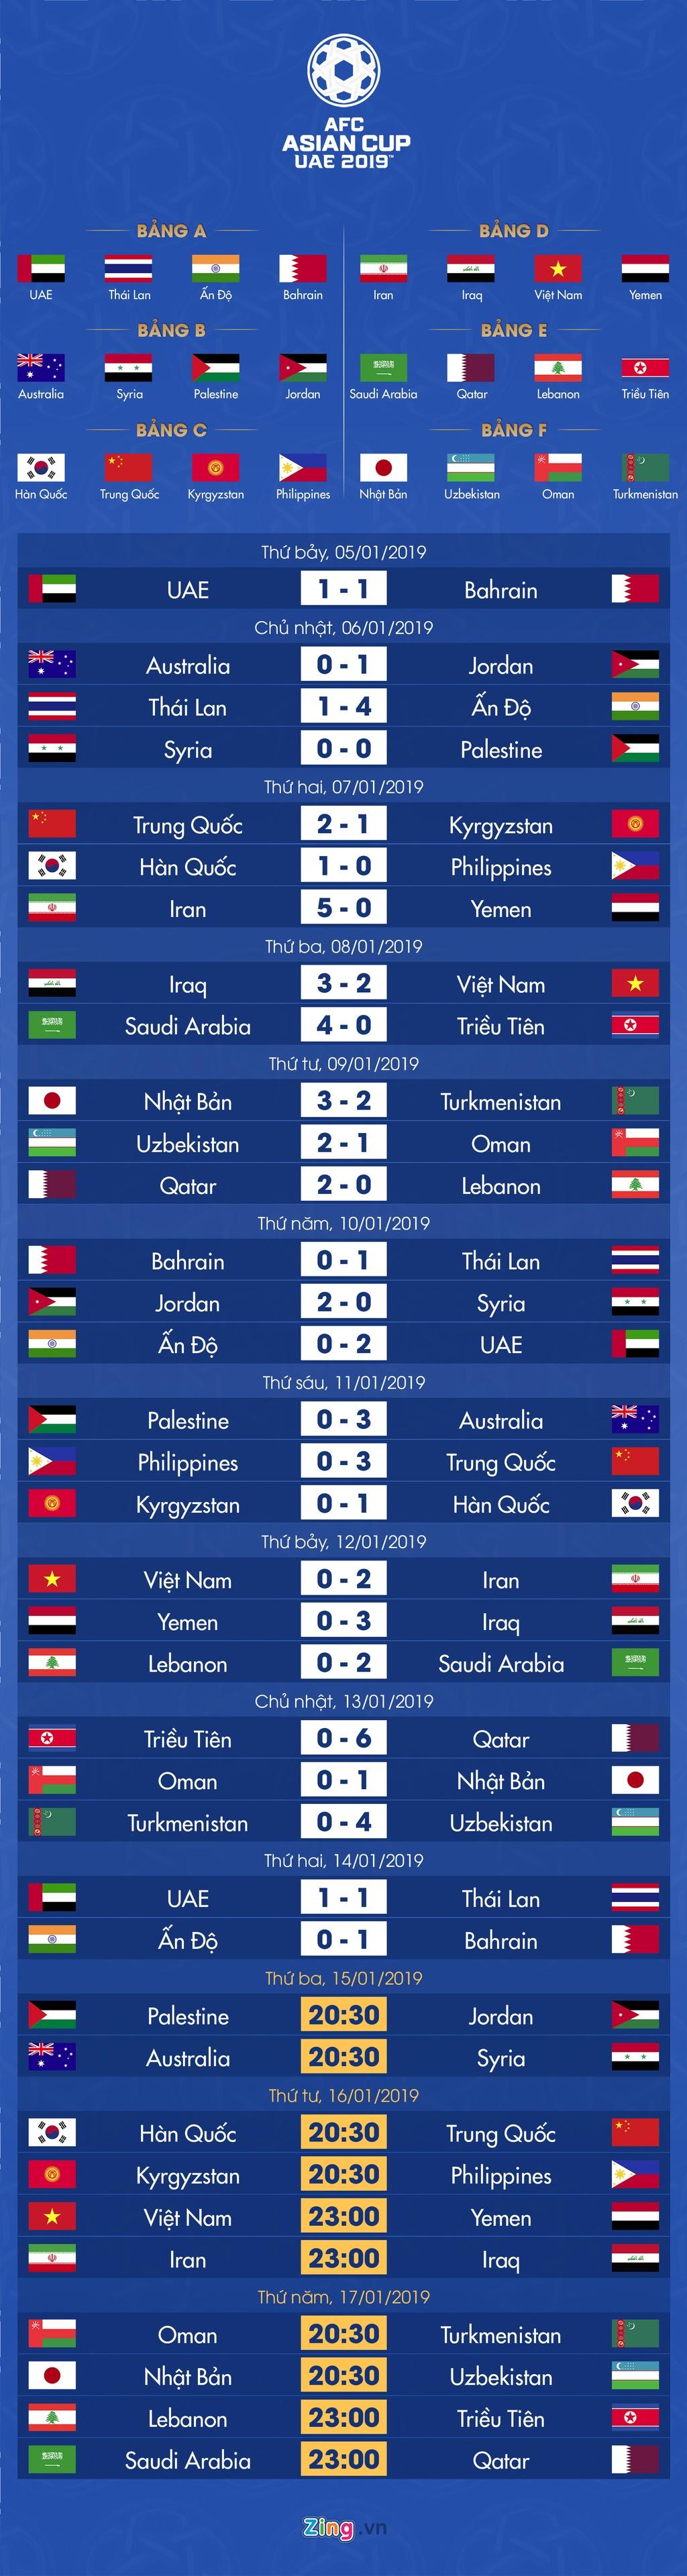 Lich thi dau va bang xep hang Asian Cup 2019 ngay 15/1 hinh anh 1